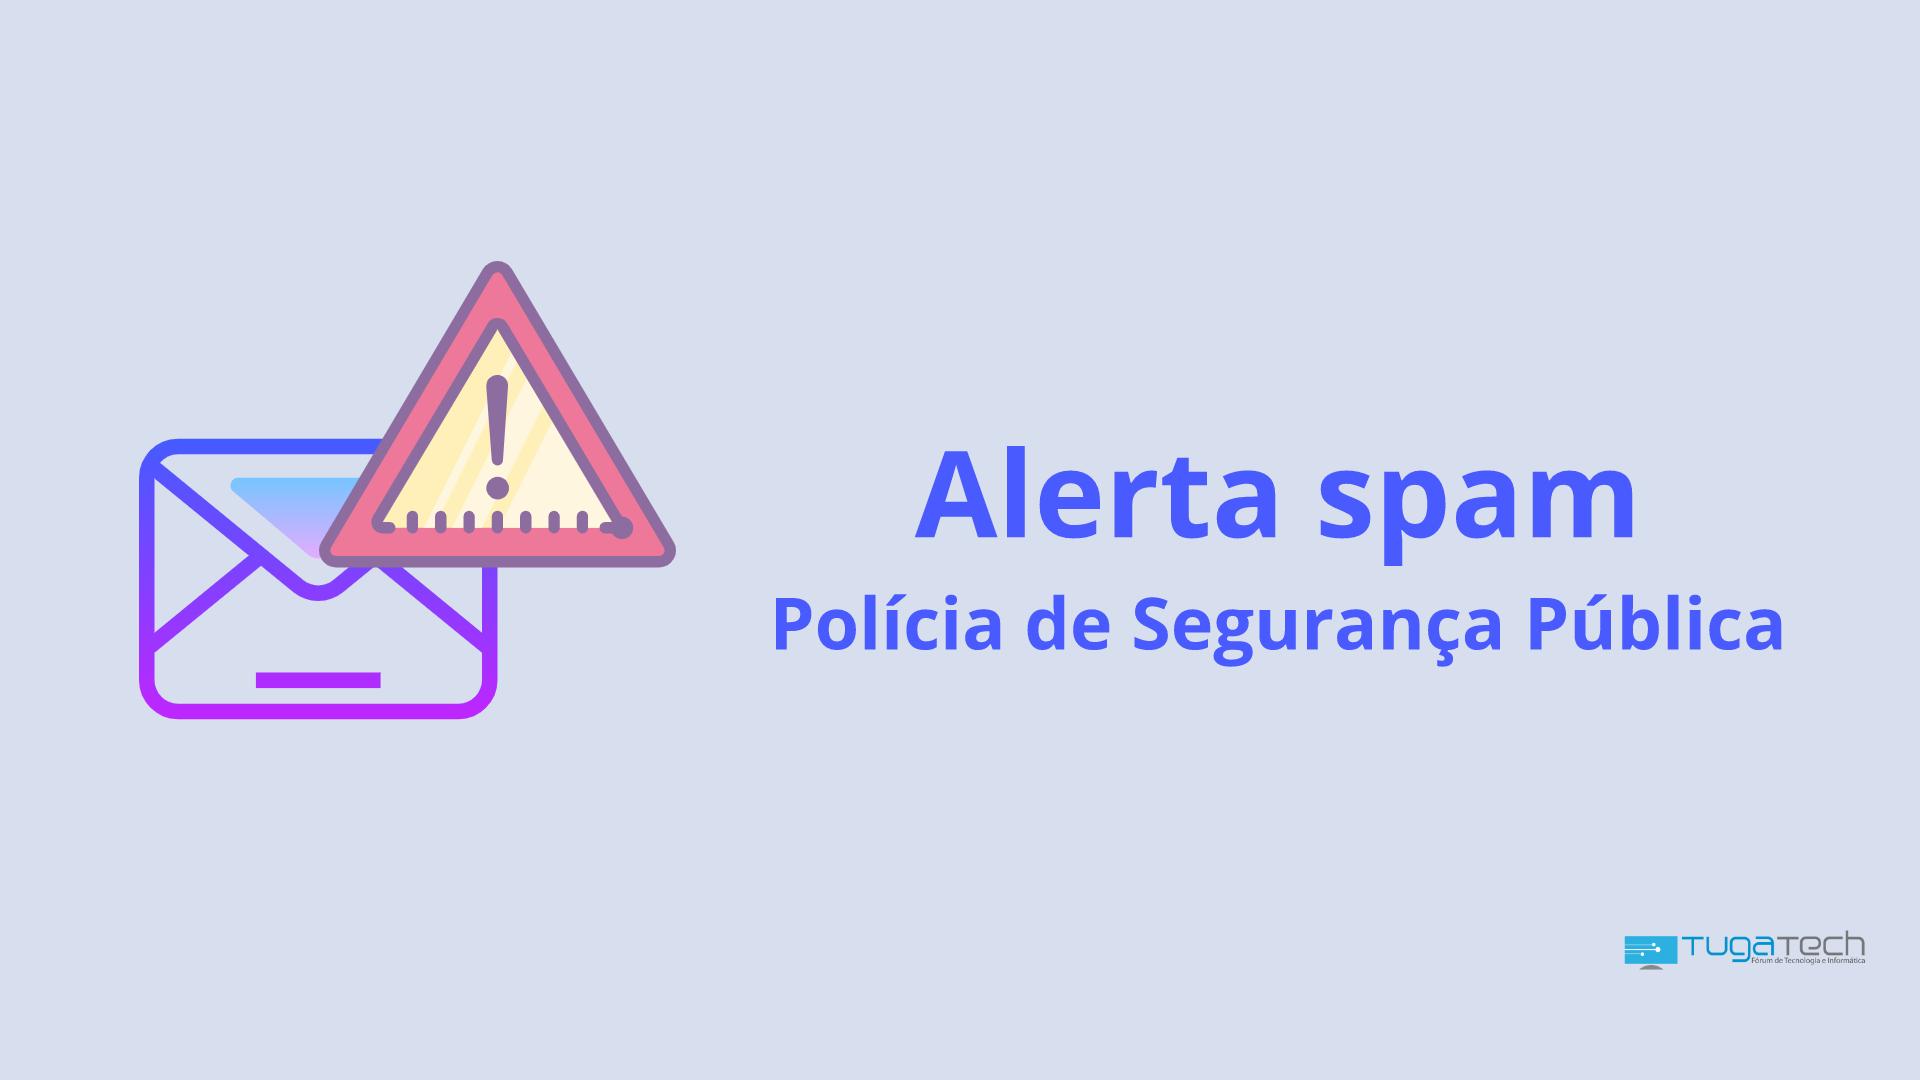 Alerta spam